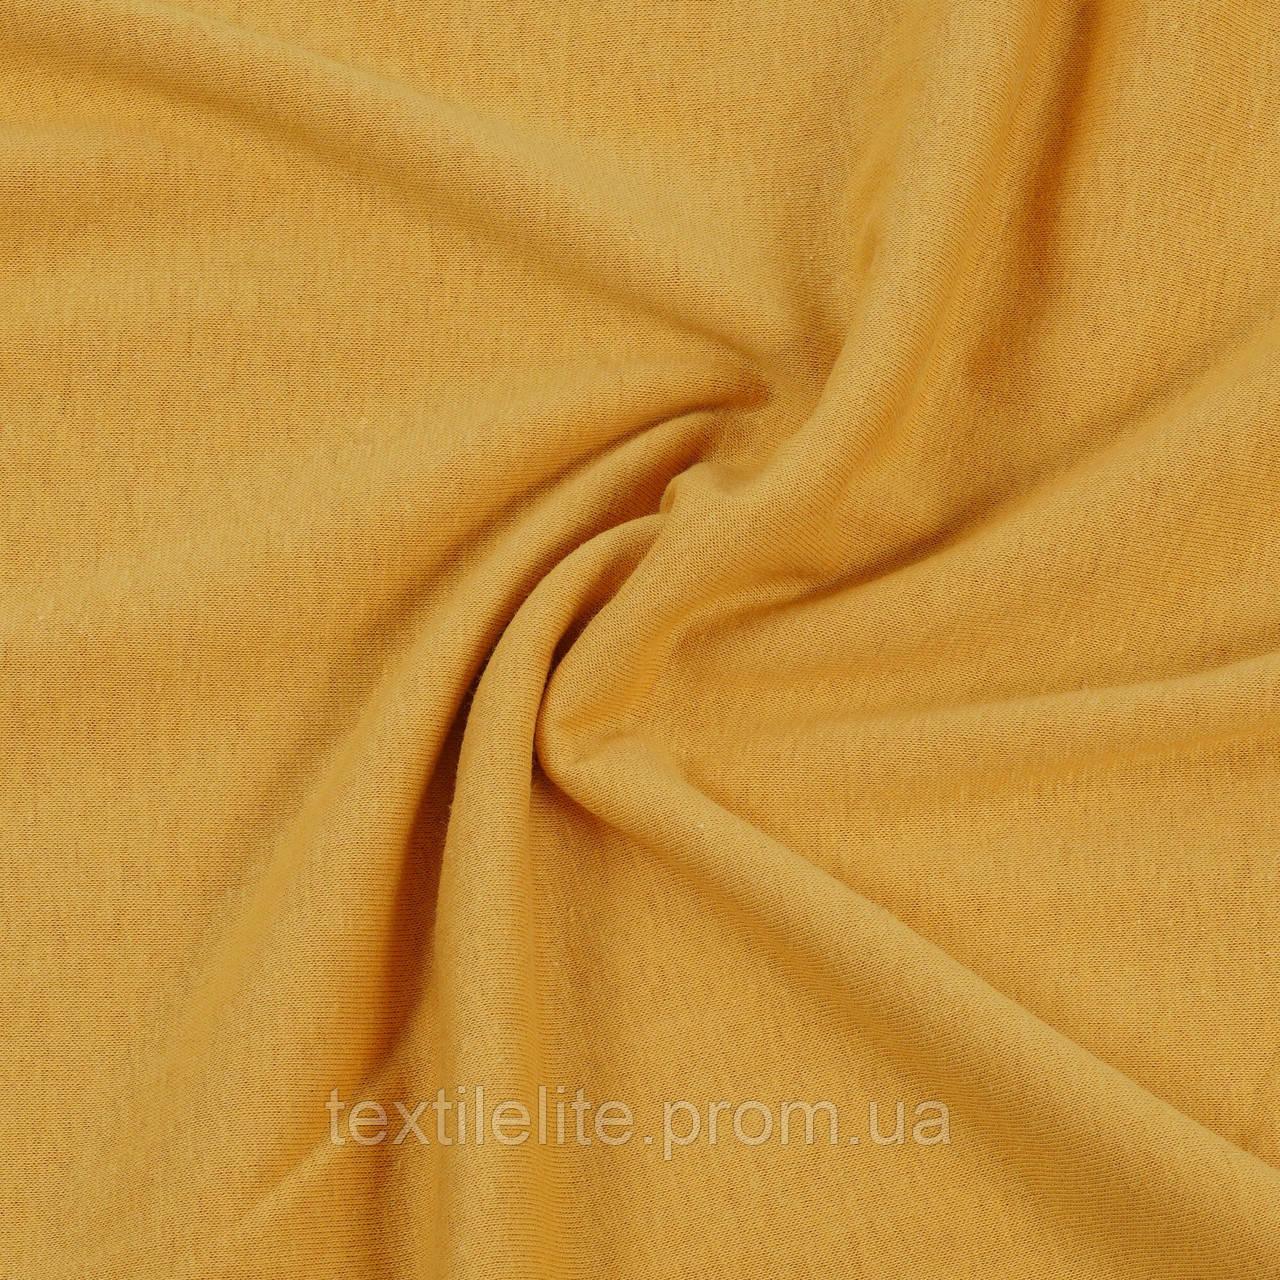 Кулирная гладь ткань оптом, горчичный цвет, 100% хлопок, Турция